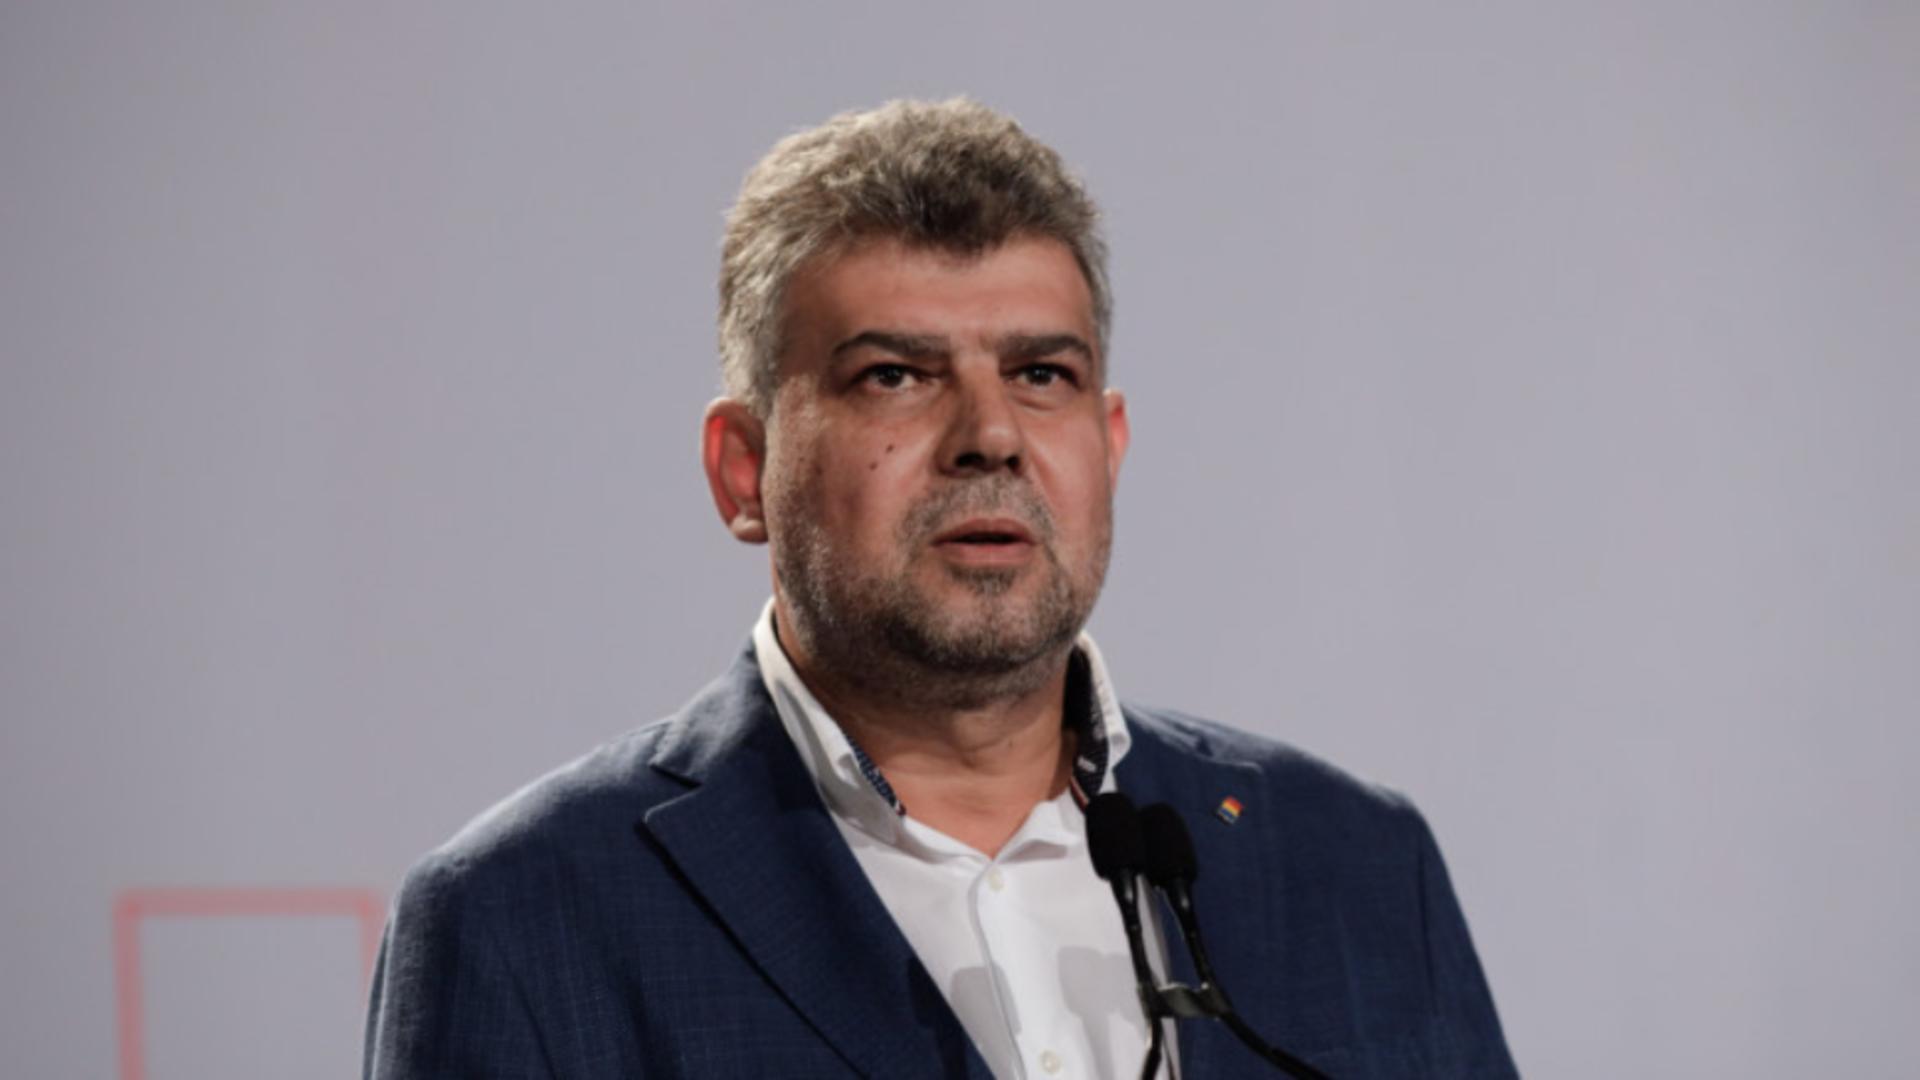 """Marcel Ciolacu, mesaj în ajunul Zilei Europei: """"Uniunea Europeană vine cu cel mai ambițios angajament social din istoria sa"""""""